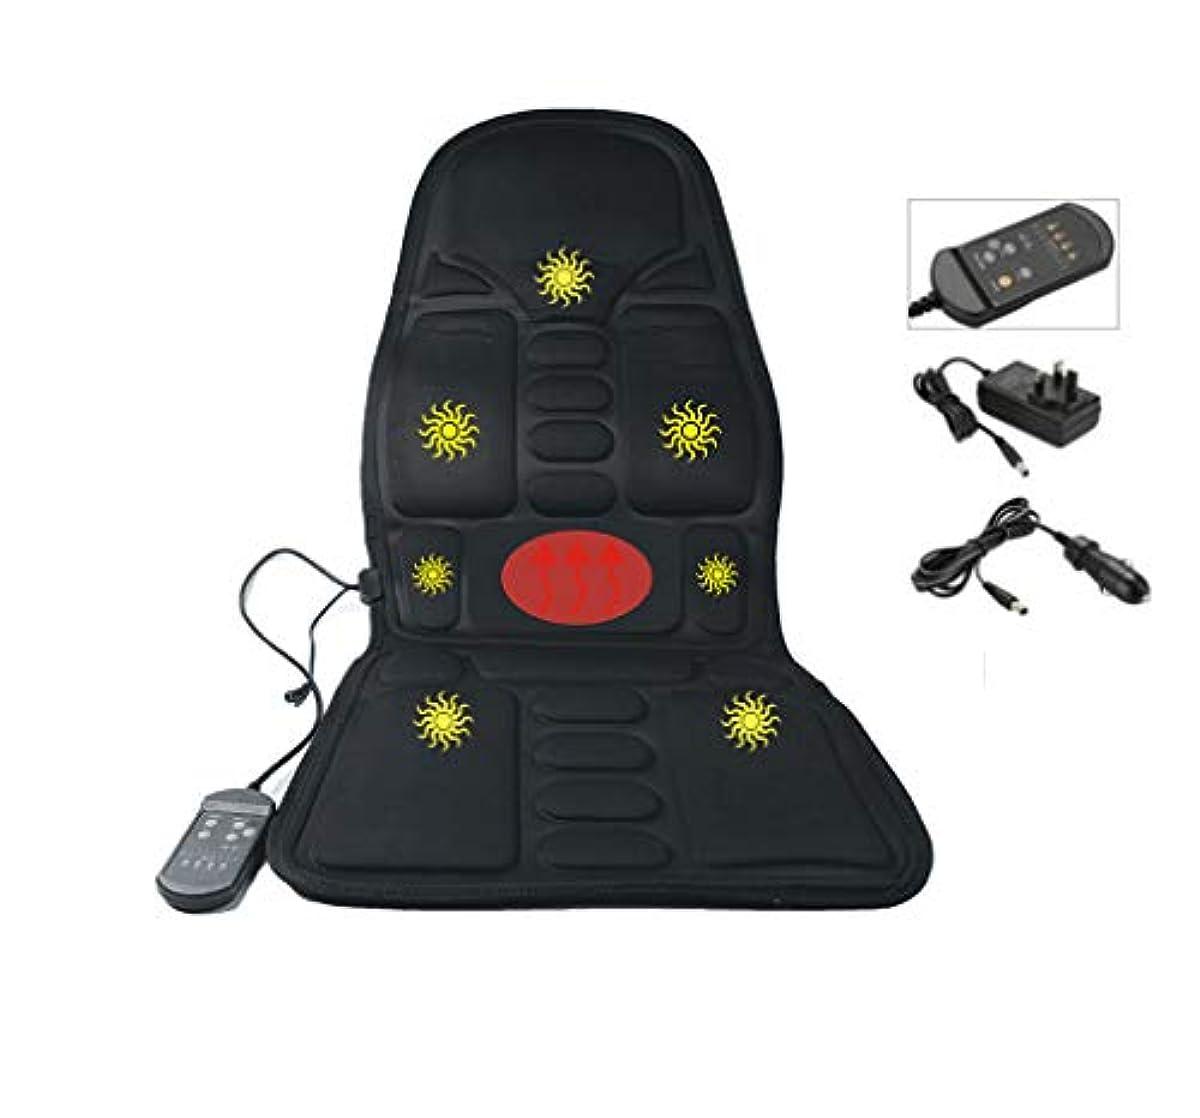 散逸球体インタラクション指圧マッサージシートクッション、3D指圧ディングニーディング、プレス、ローリングとバイブレーション - マッサージフルバック、アッパーバック、バックバック、座っているエリアまたはピンポイント正確なマッサージスポット加熱(黒)